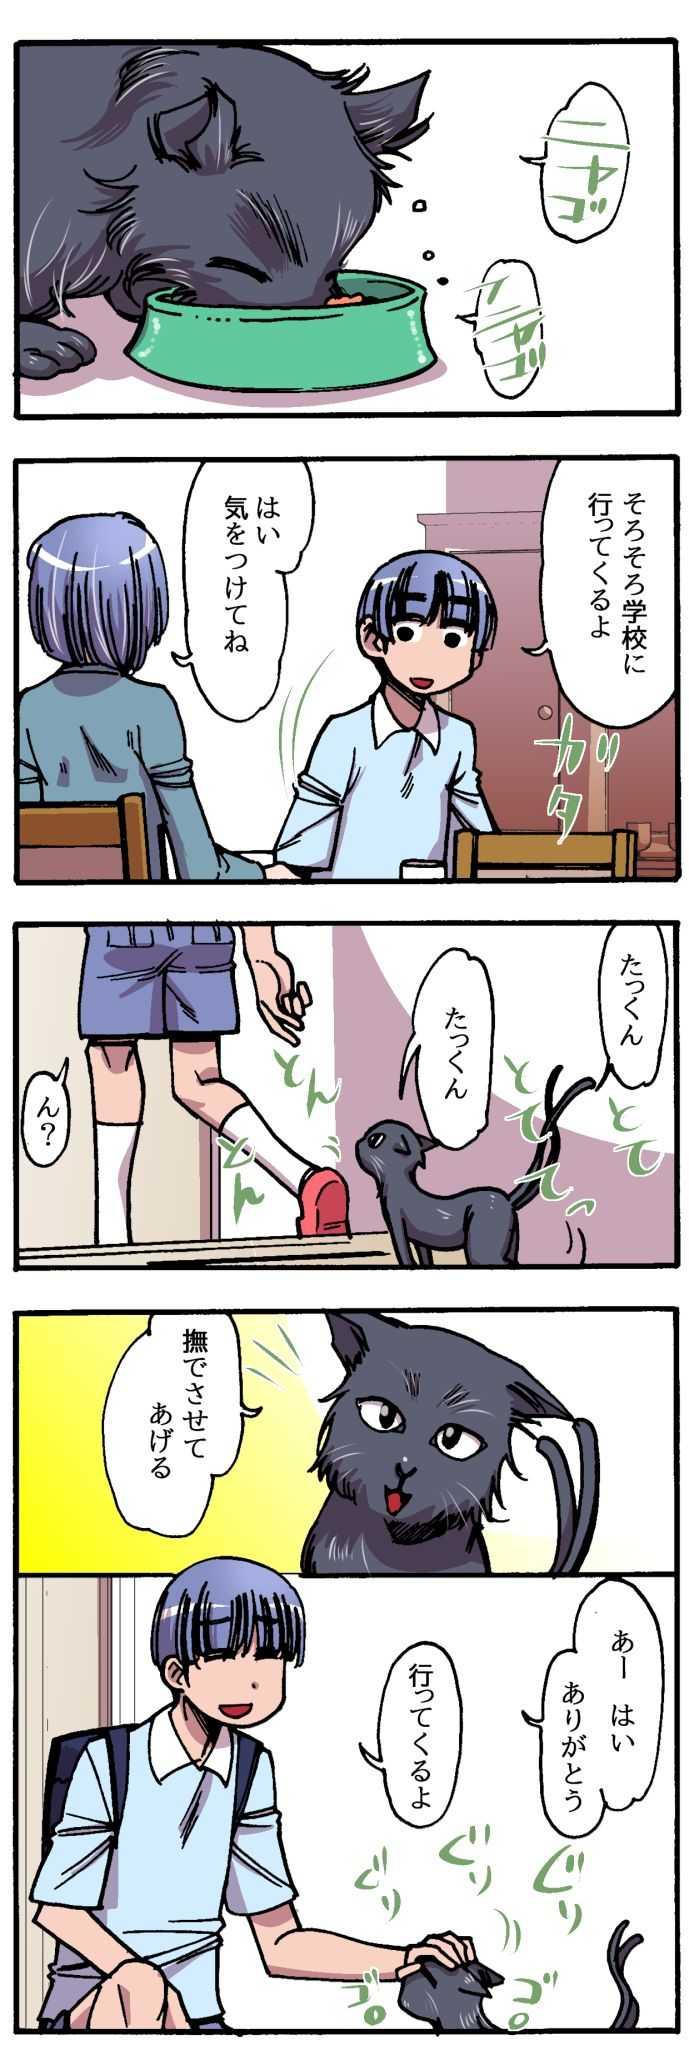 10.「【溶ける女】って知ってるかい?」